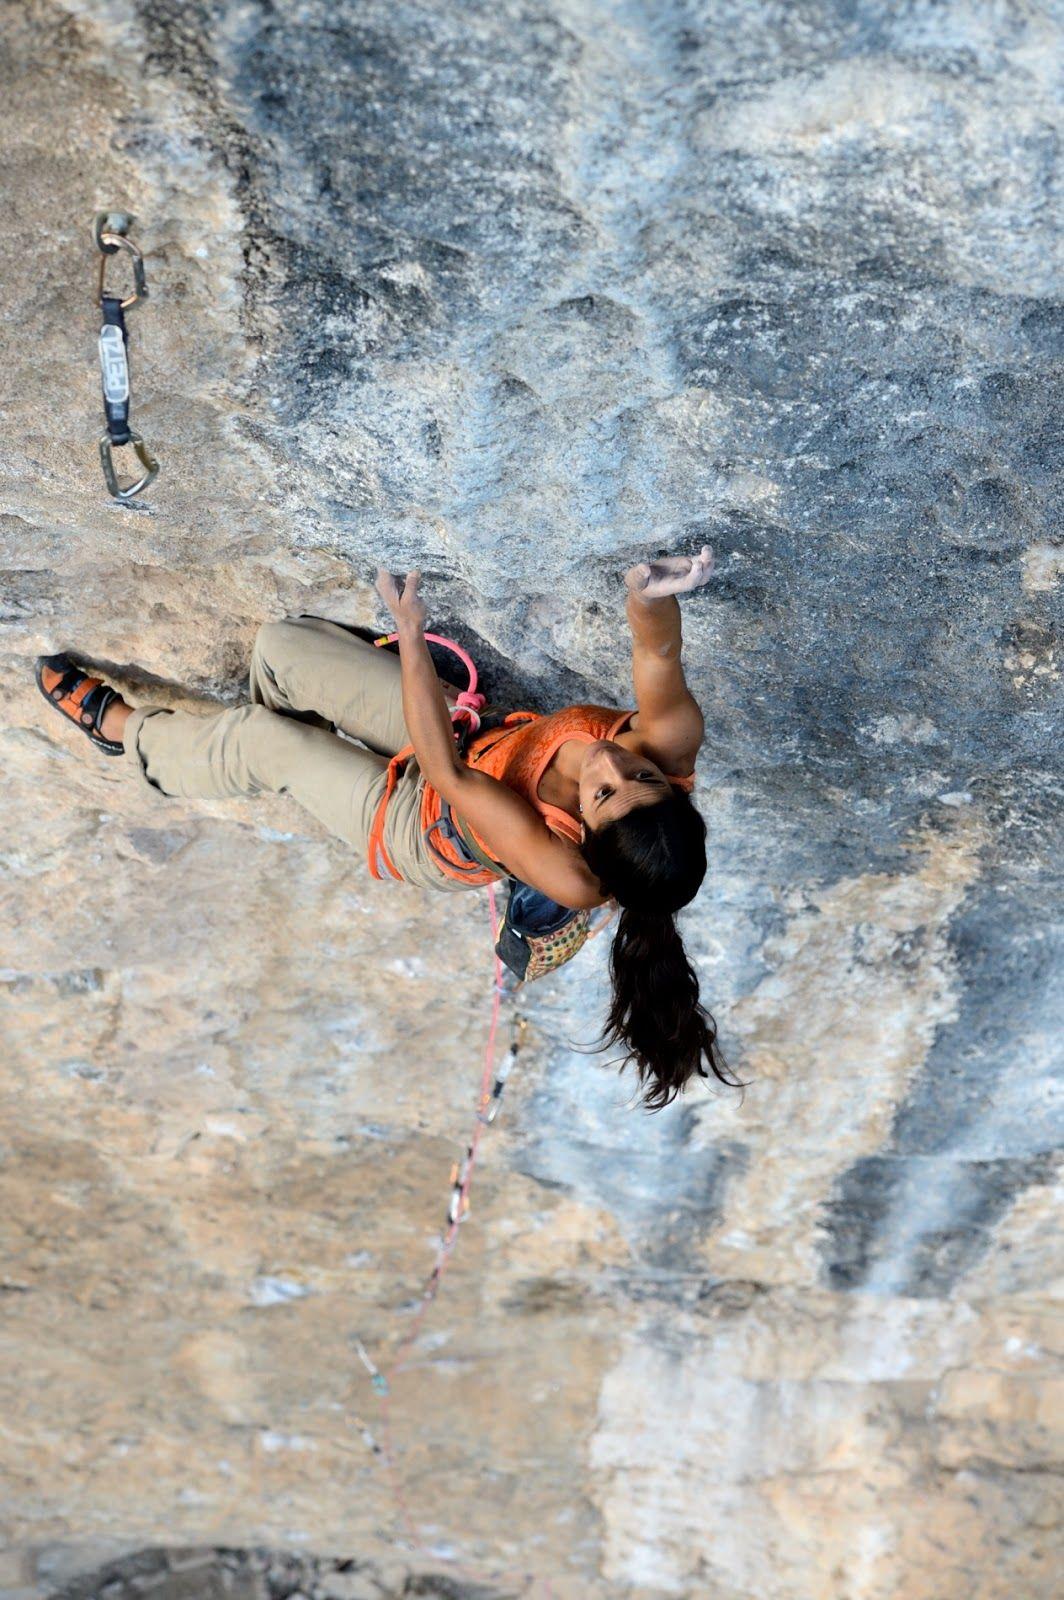 Pin Anastasia Budash Climbing Rock Ice